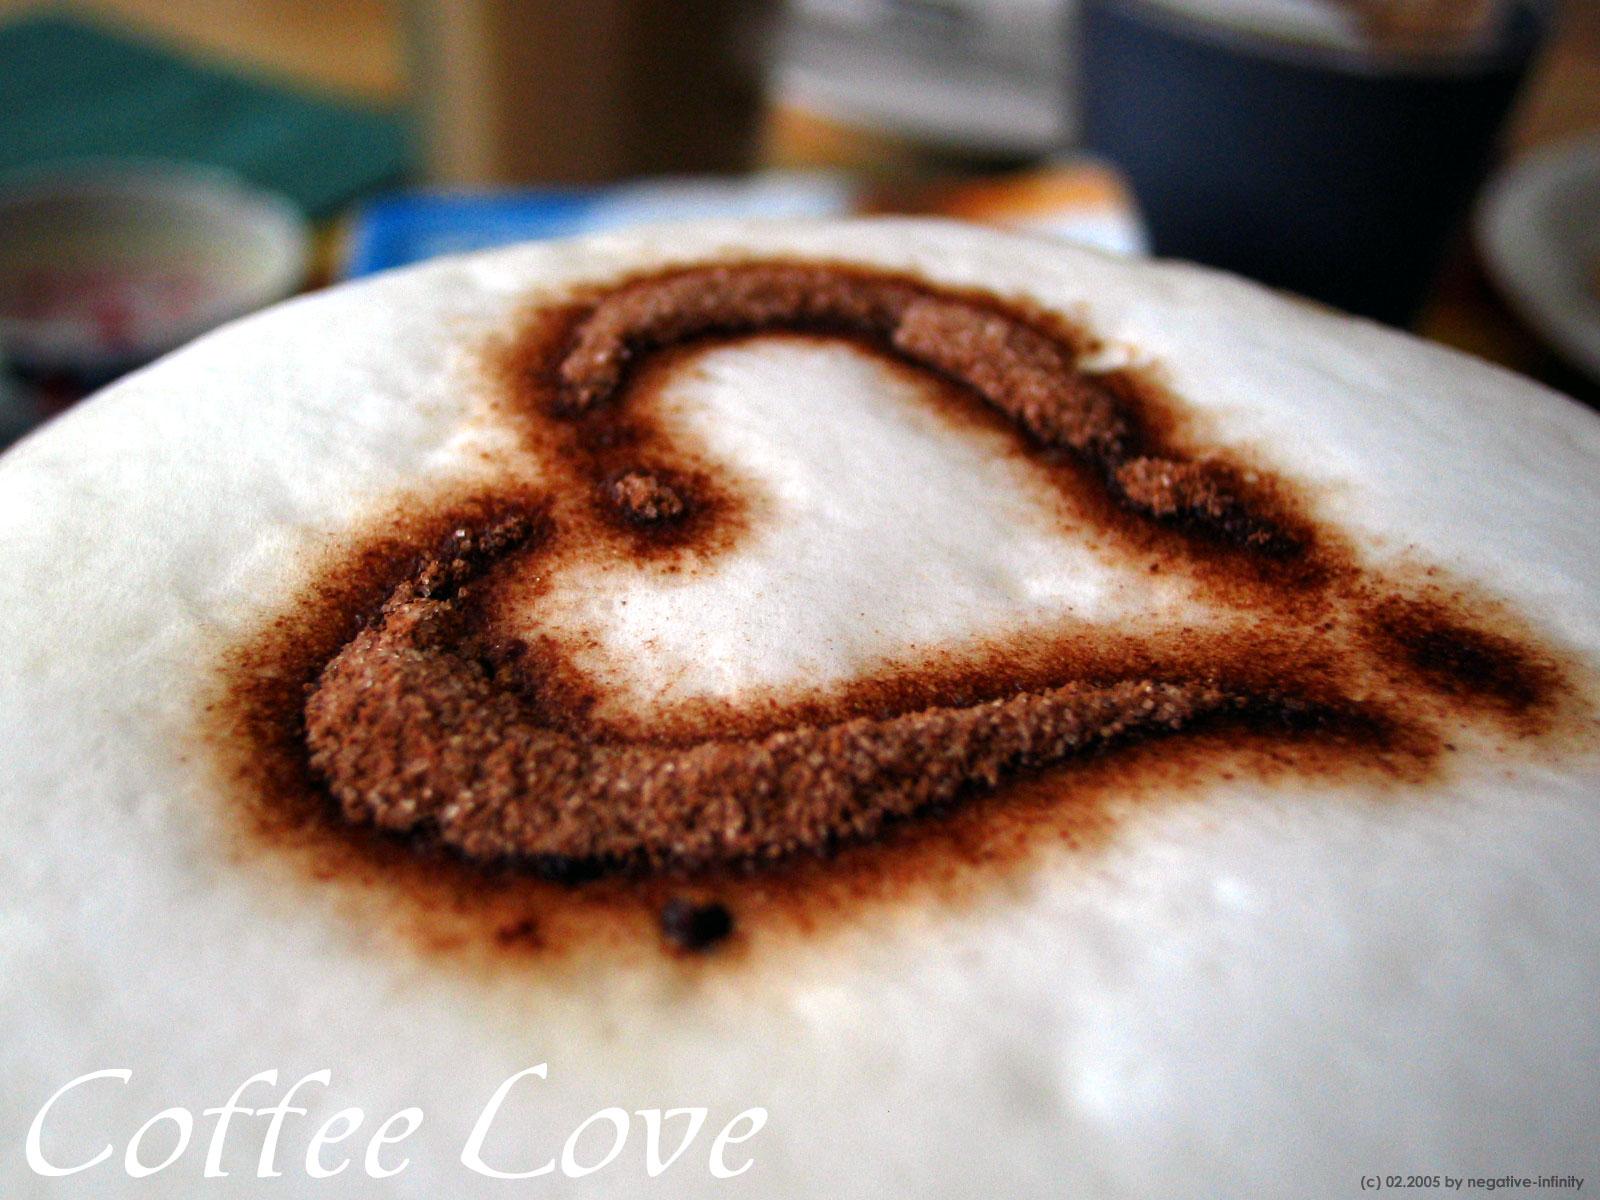 пенка, кофе, капучинно, скачать фото, coffee, capuccino